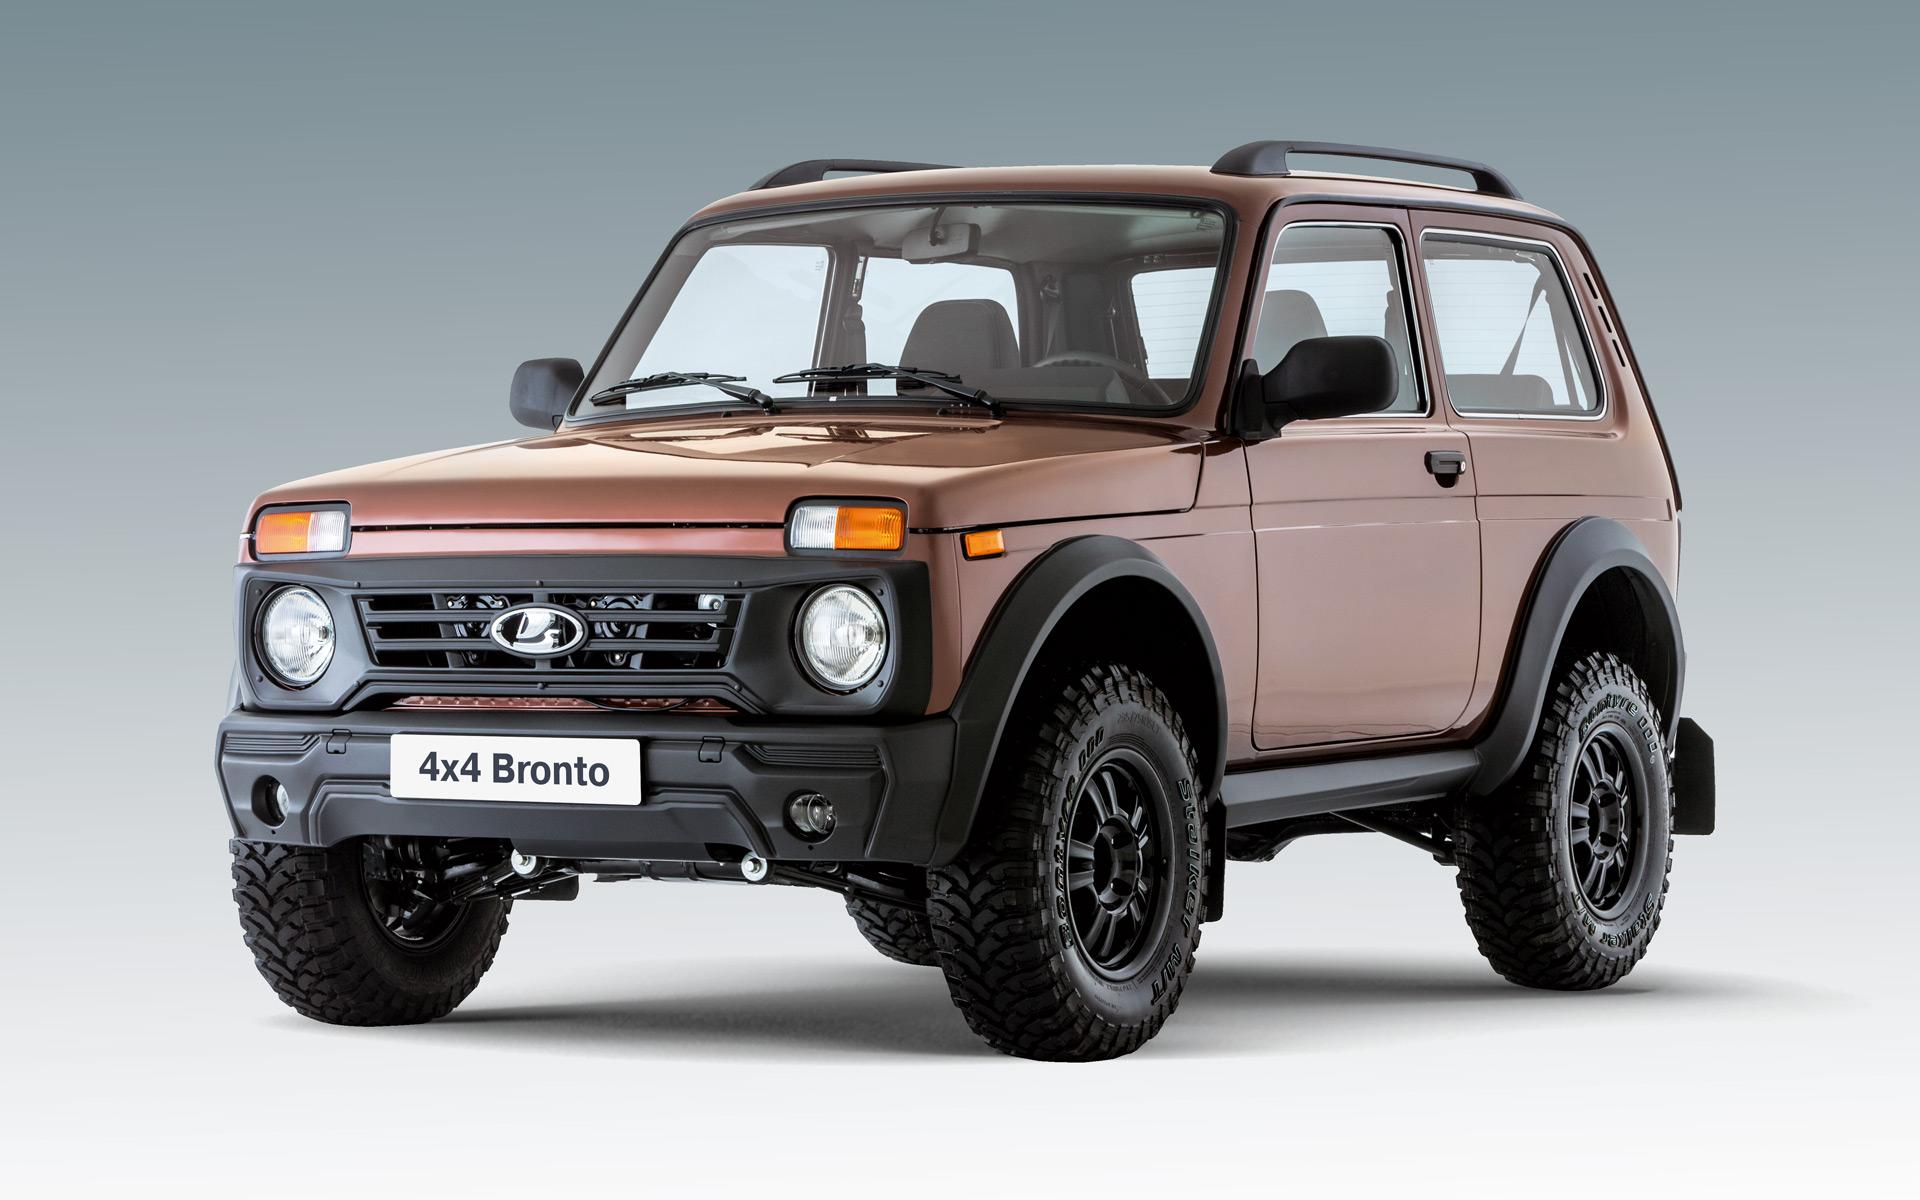 Lada 4x4 Bronto Review Lada Official Website